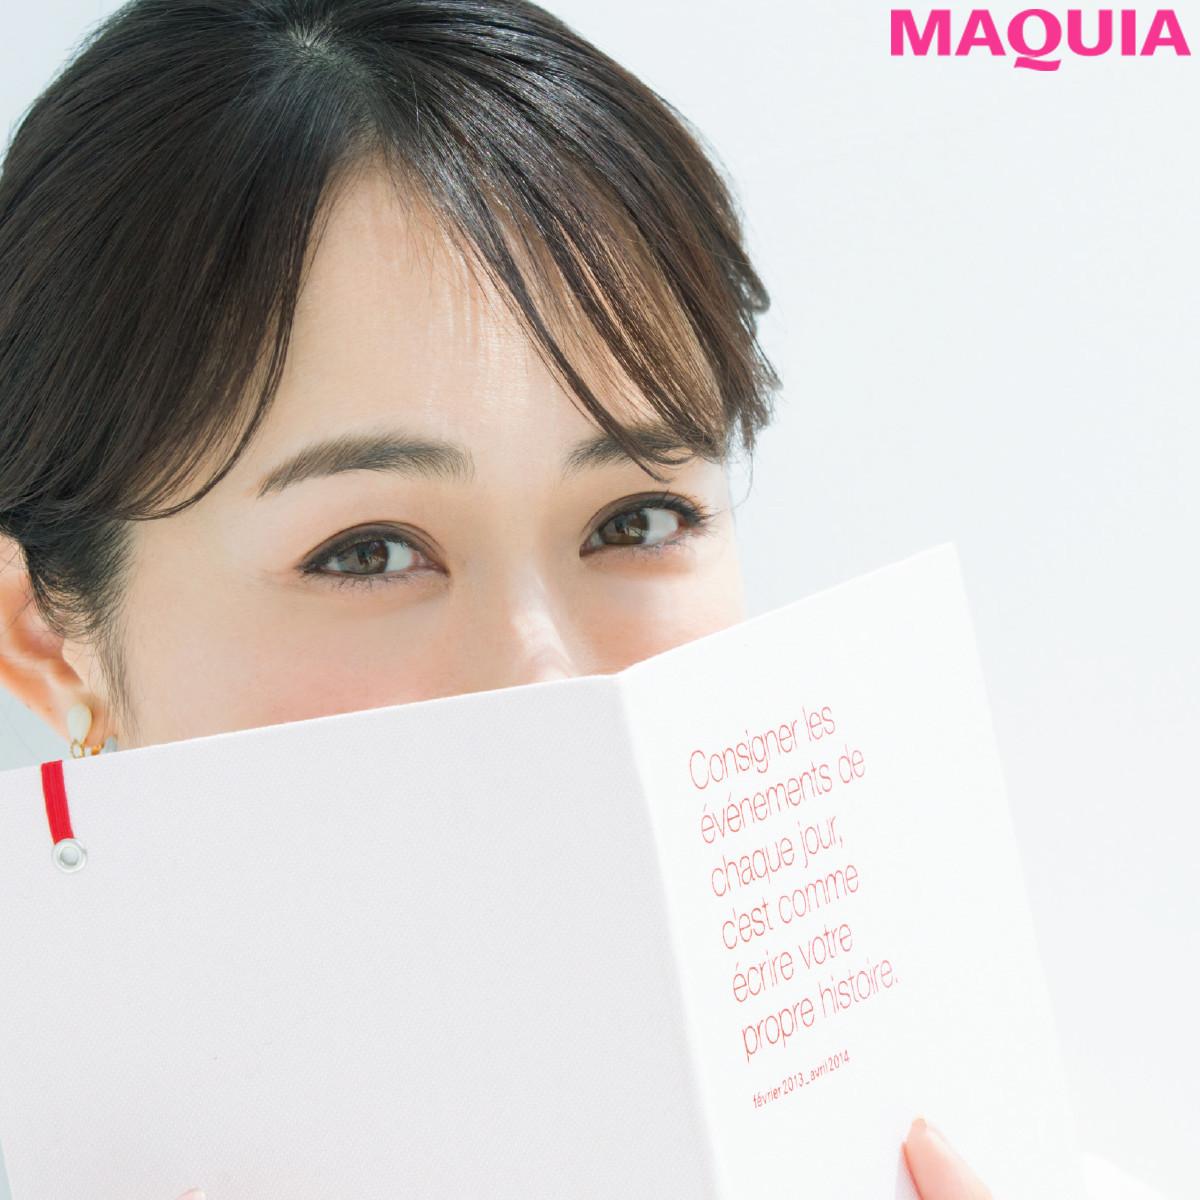 【アンチエイジング化粧品Q&A】目尻のシワ、取れないクマetc. 目元のお悩みを解決!